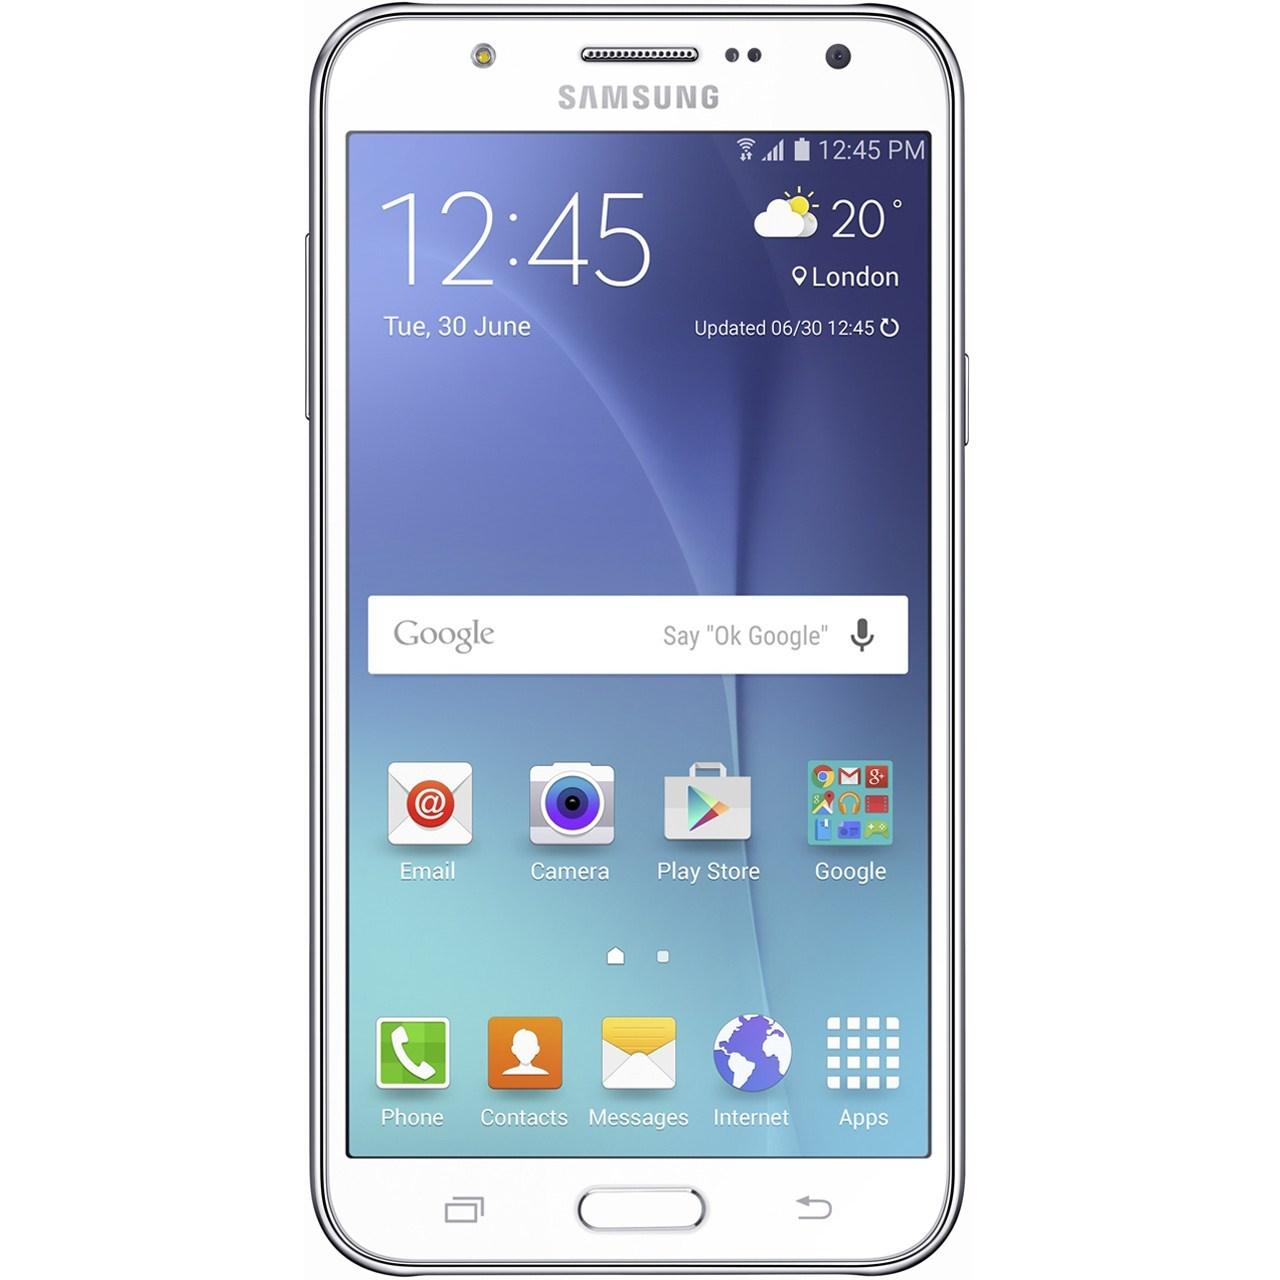 گوشی موبایل سامسونگ مدل Galaxy J7 (2015) SM-J700F/DS دو سیمکارت | Samsung Galaxy J7 (2015) SM-J700F/DS Dual SIM Mobile Phone